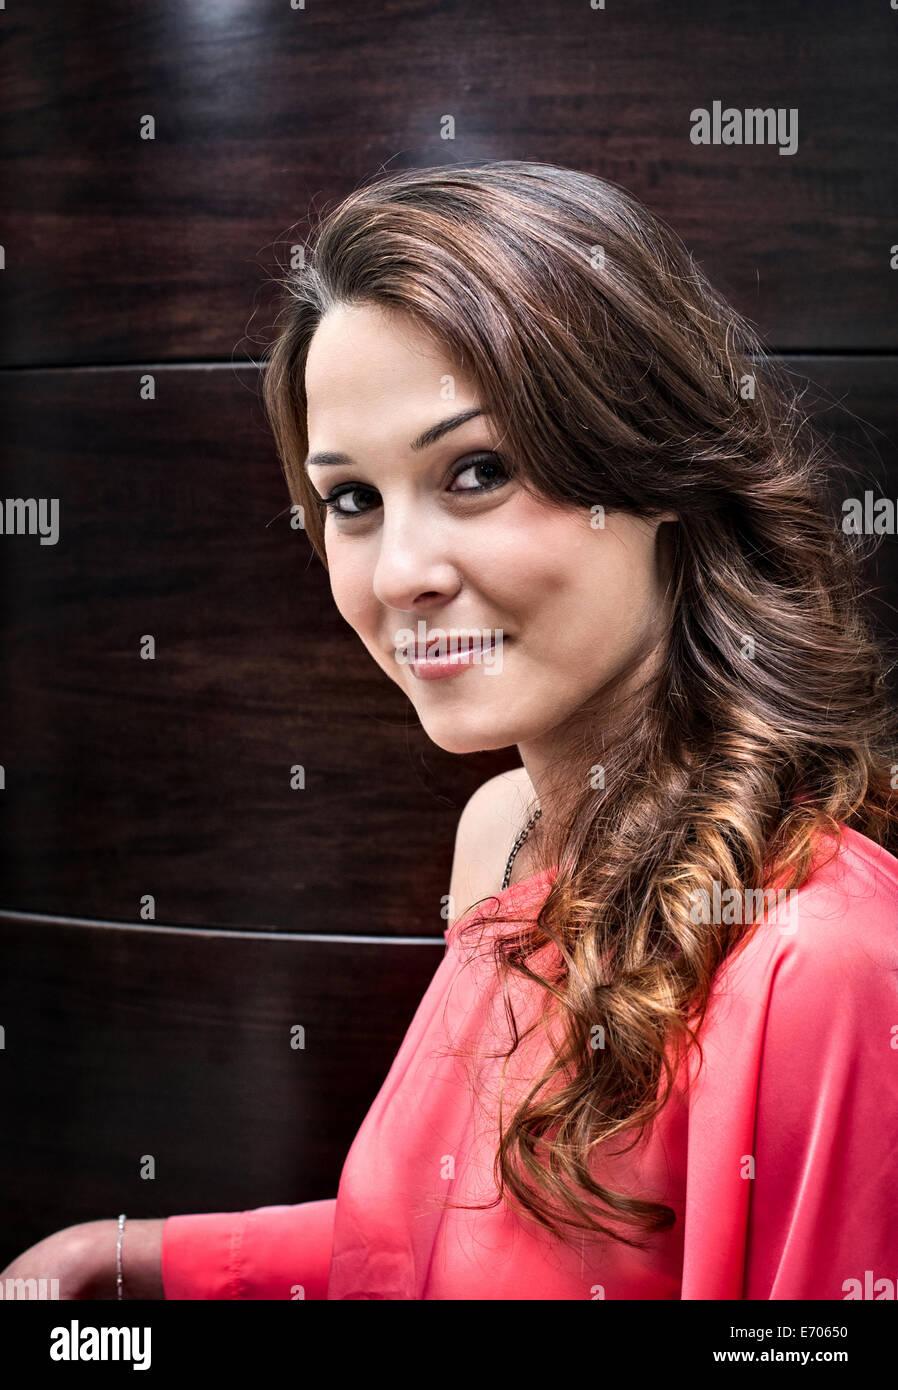 Ritratto di giovane donna in parrucchiere con lunghi ringletted brunette capelli Immagini Stock